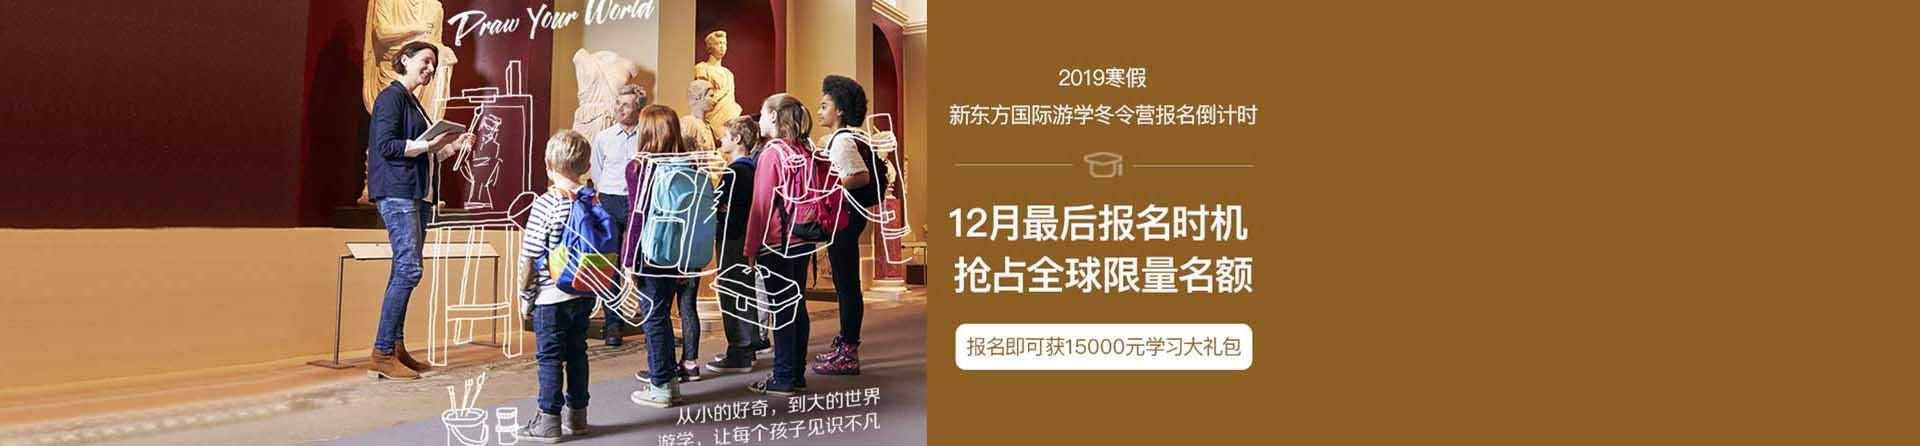 国际游学12月活动